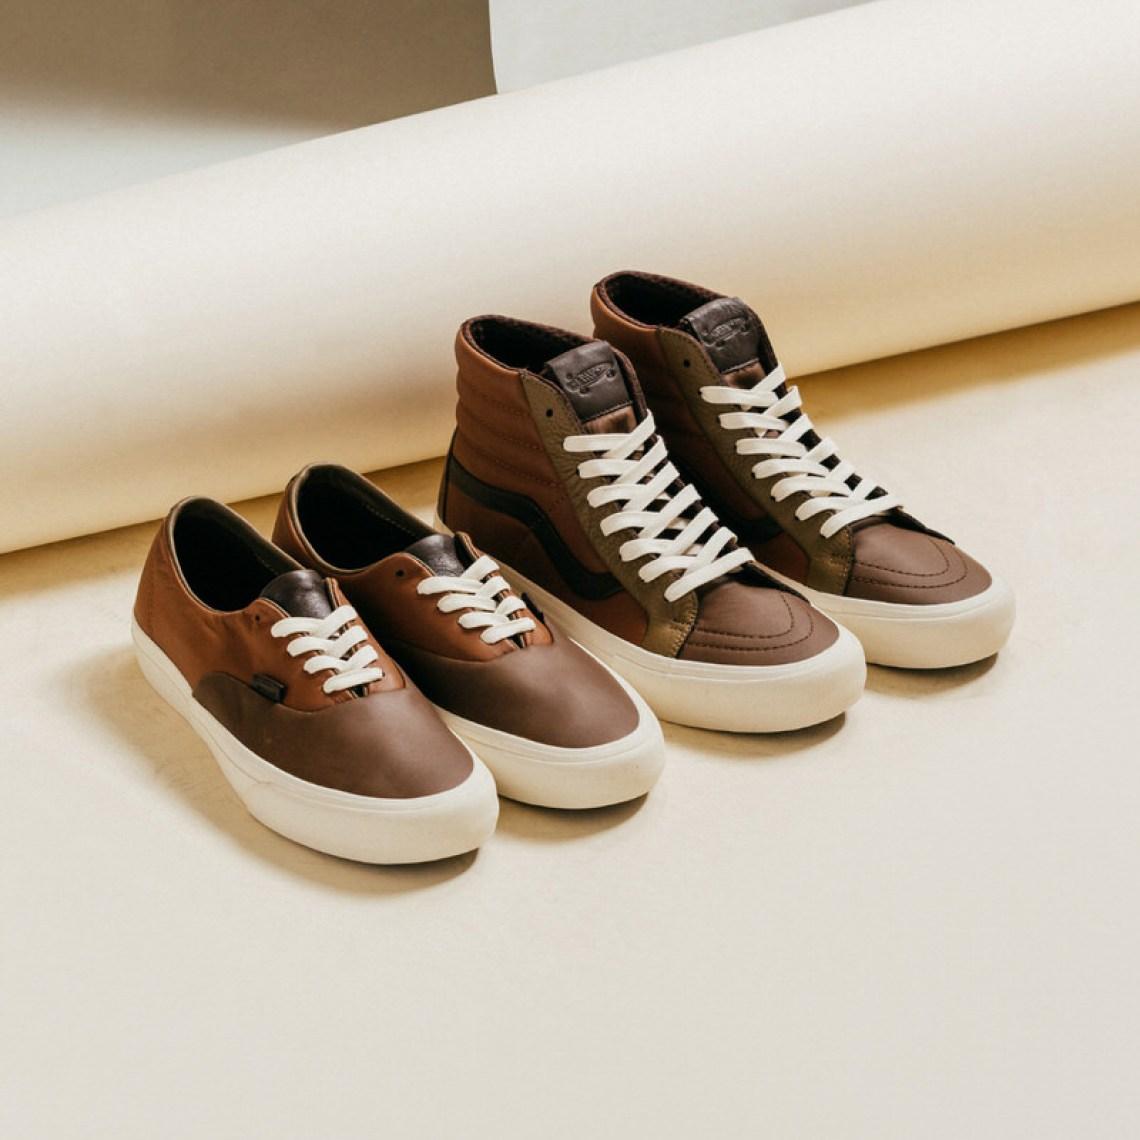 Vans Vault Premium Leather Pack